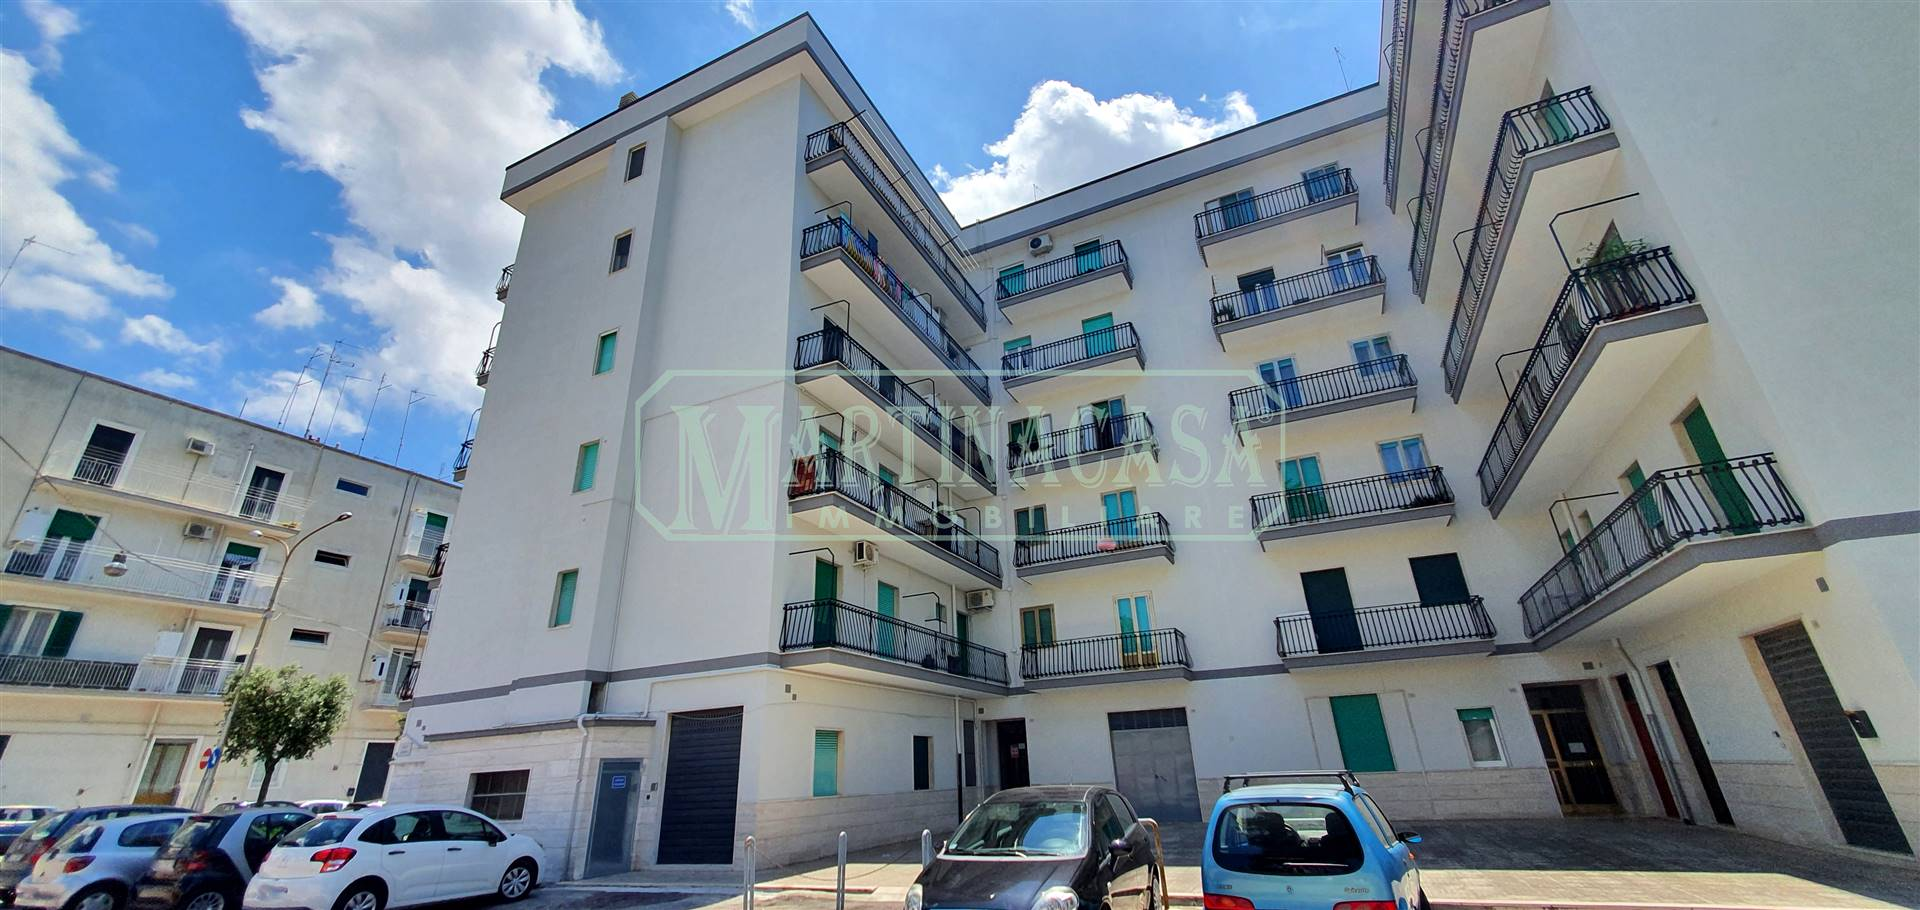 Appartamento in vendita a Martina Franca, 3 locali, zona Località: GHIACCIAIA, prezzo € 155.000 | CambioCasa.it